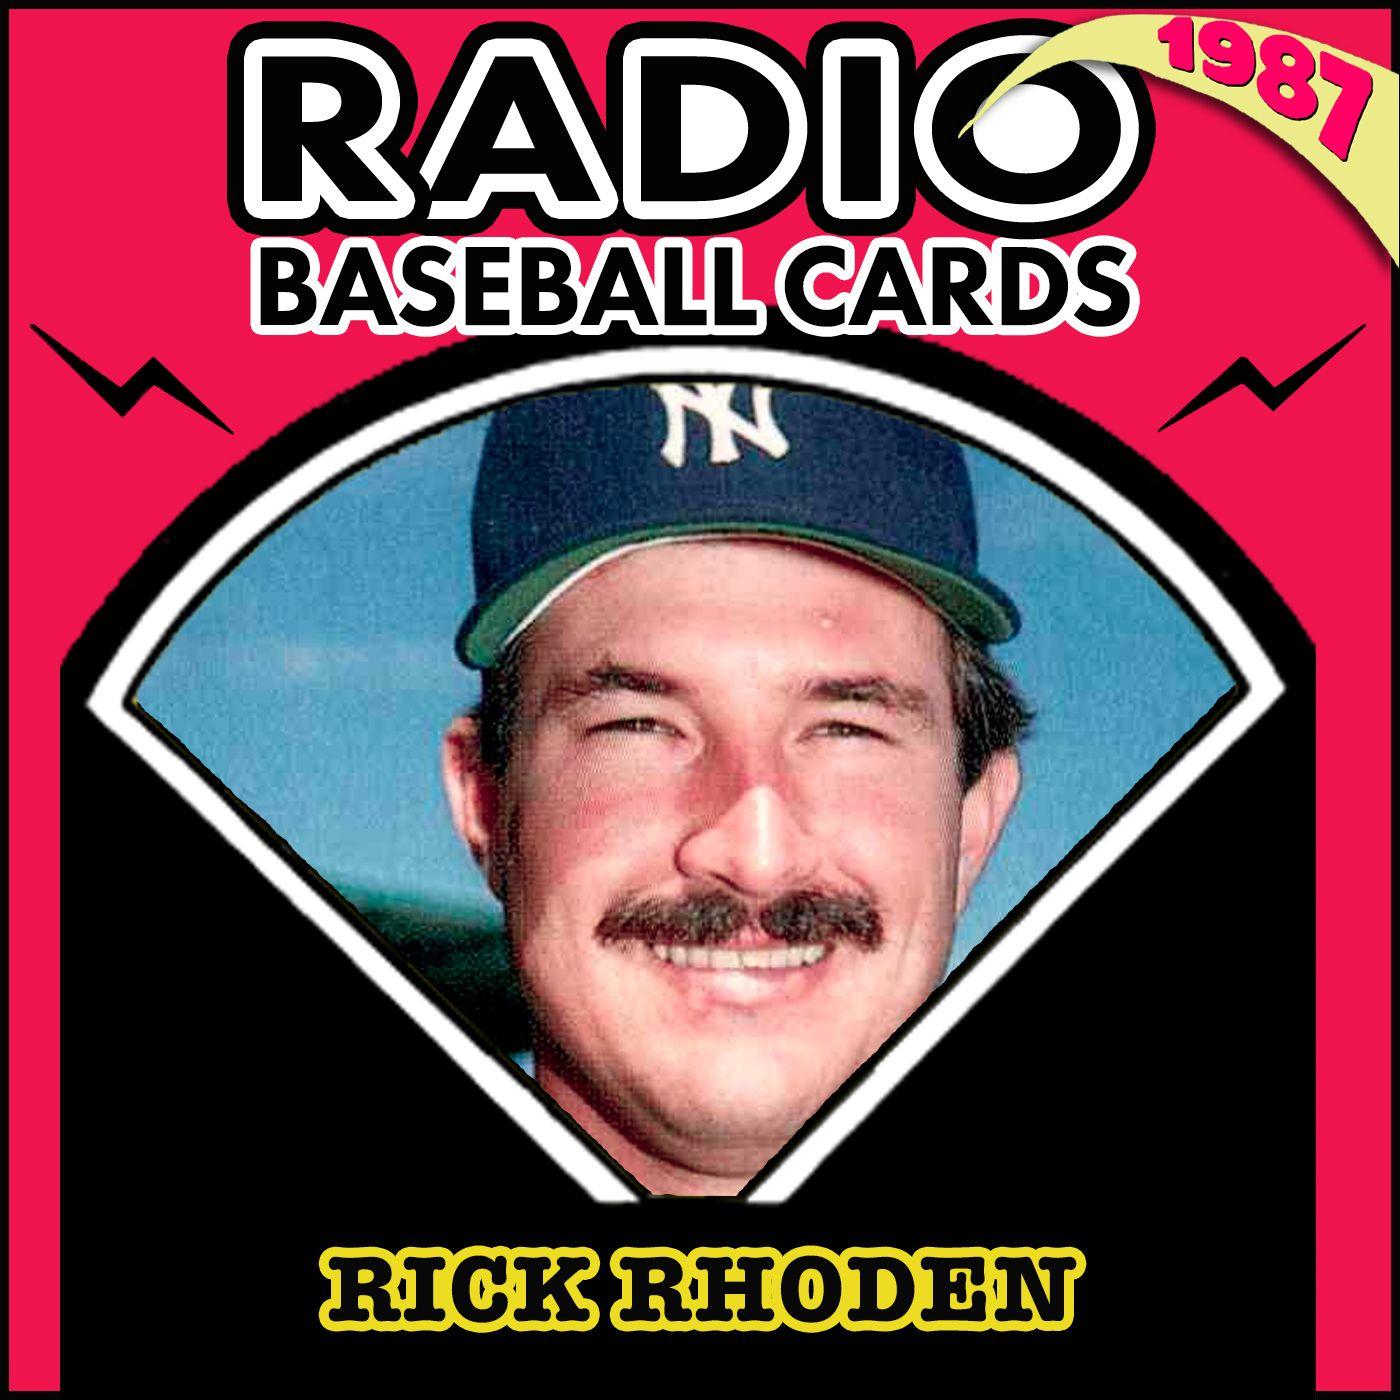 Rick Rhoden Became an All-Star Despite Wearing a Leg Brace as a Child